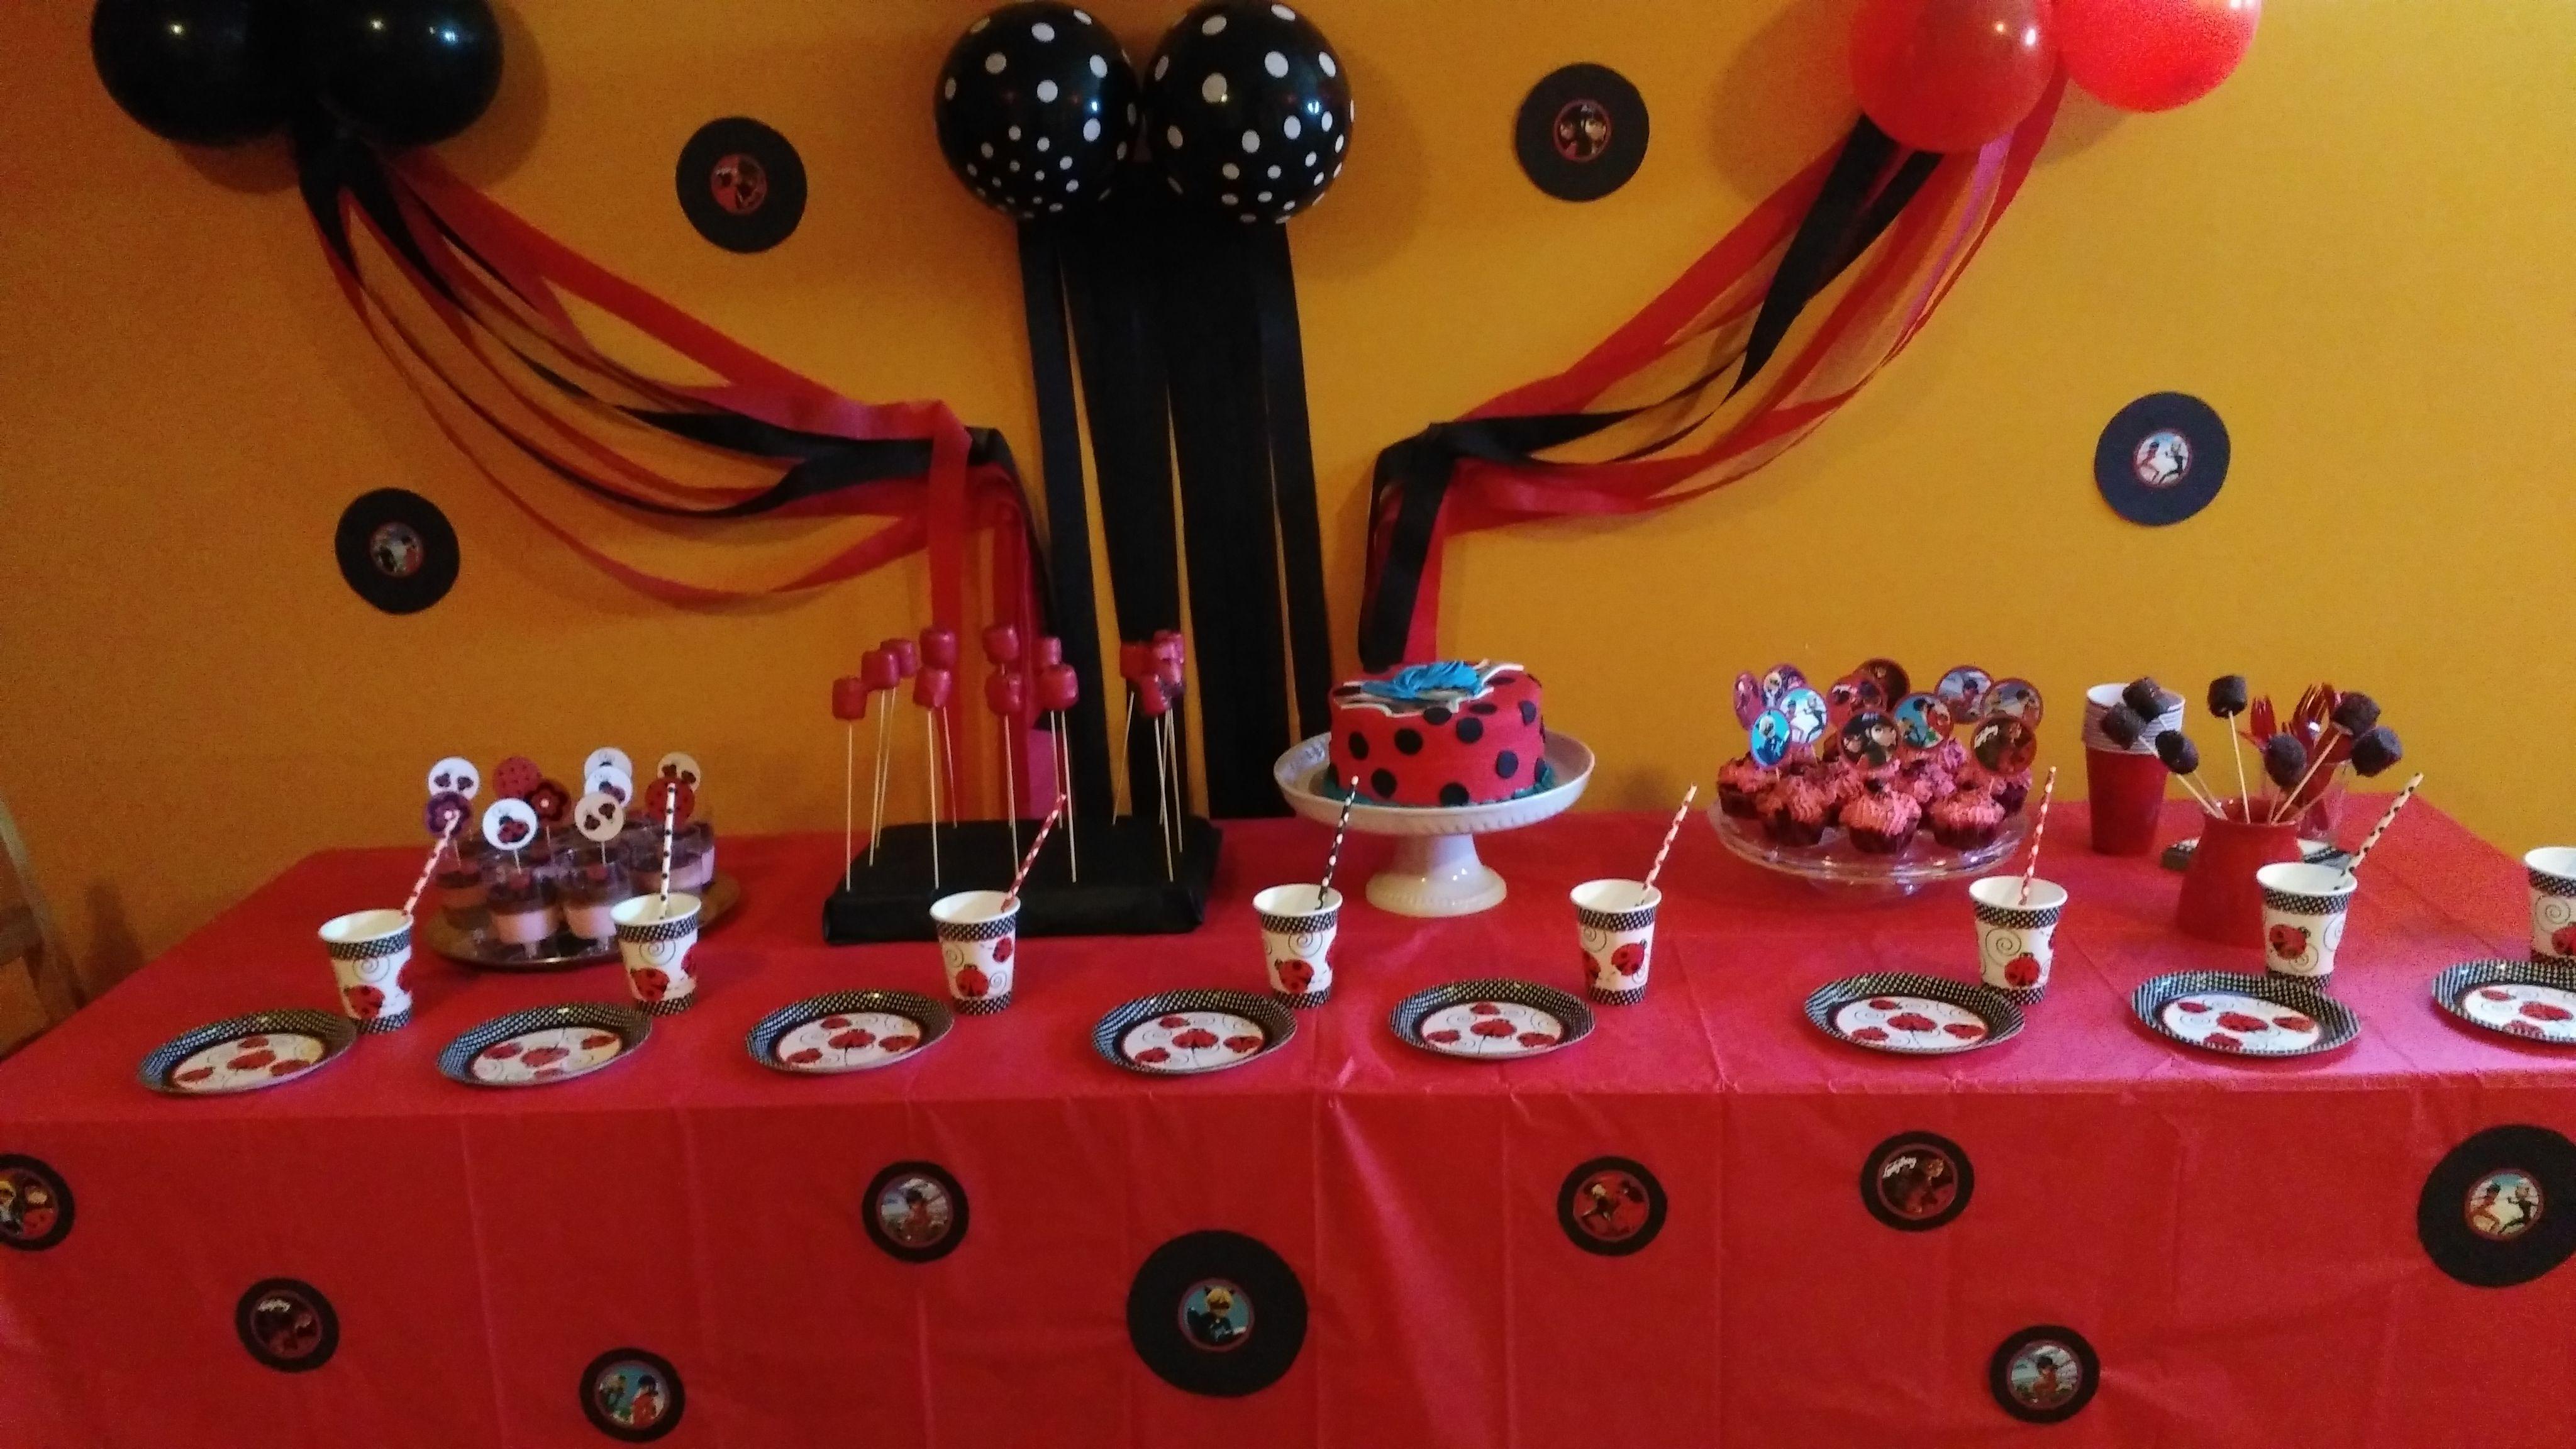 Pin By Irena Naceva On Ladybug And Chat Noir Miraculous Ladybug Birthday Party Ideas Ladybug Birthday Miraculous Ladybug Birthday Party